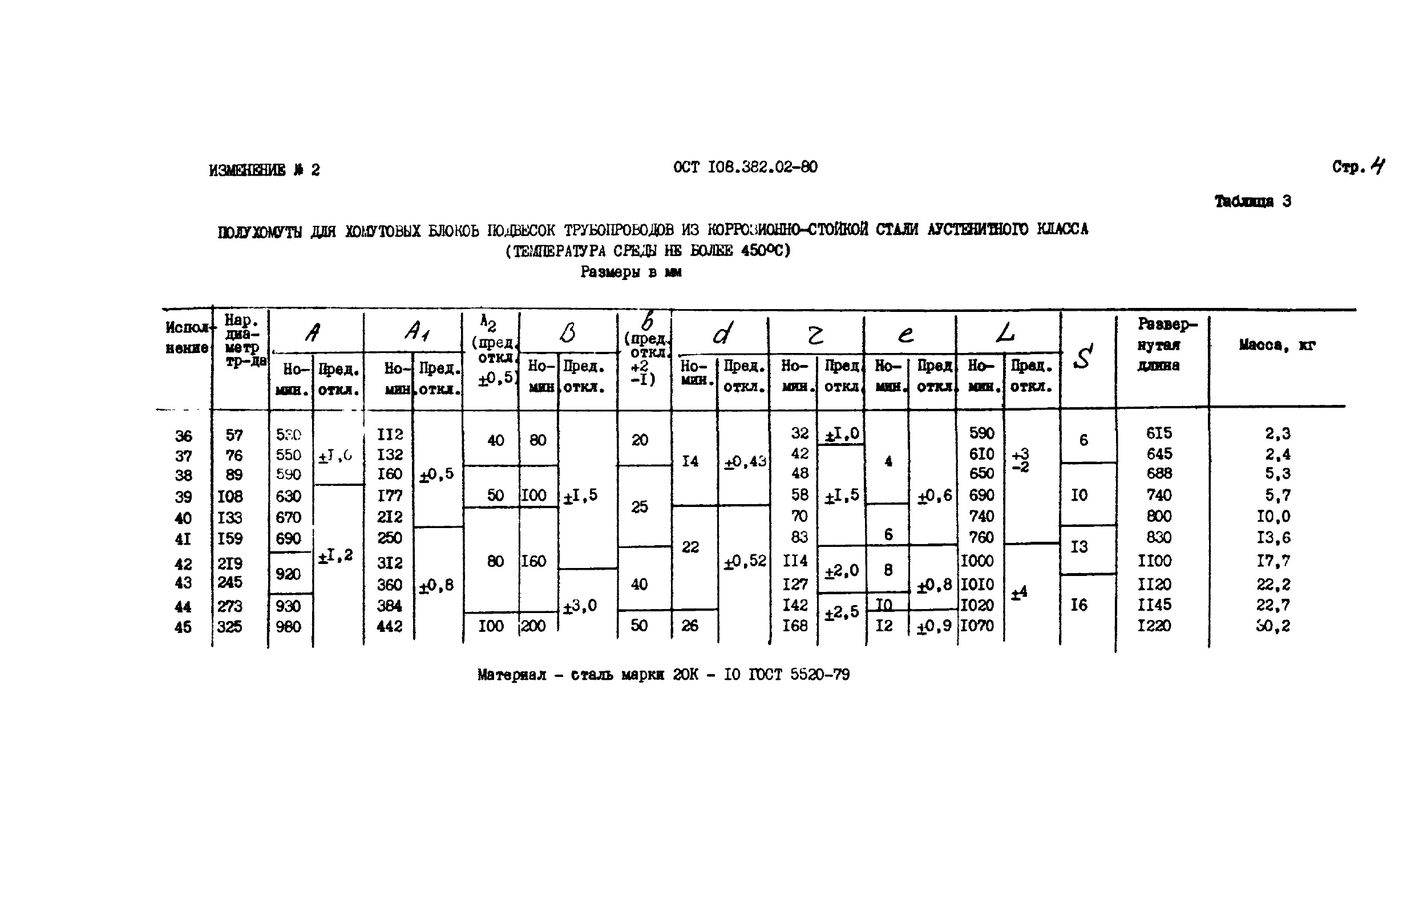 Полухомуты для хомутовых блоков подвесок вертикальных трубопроводов ОСТ 108.382.02-80 стр.10